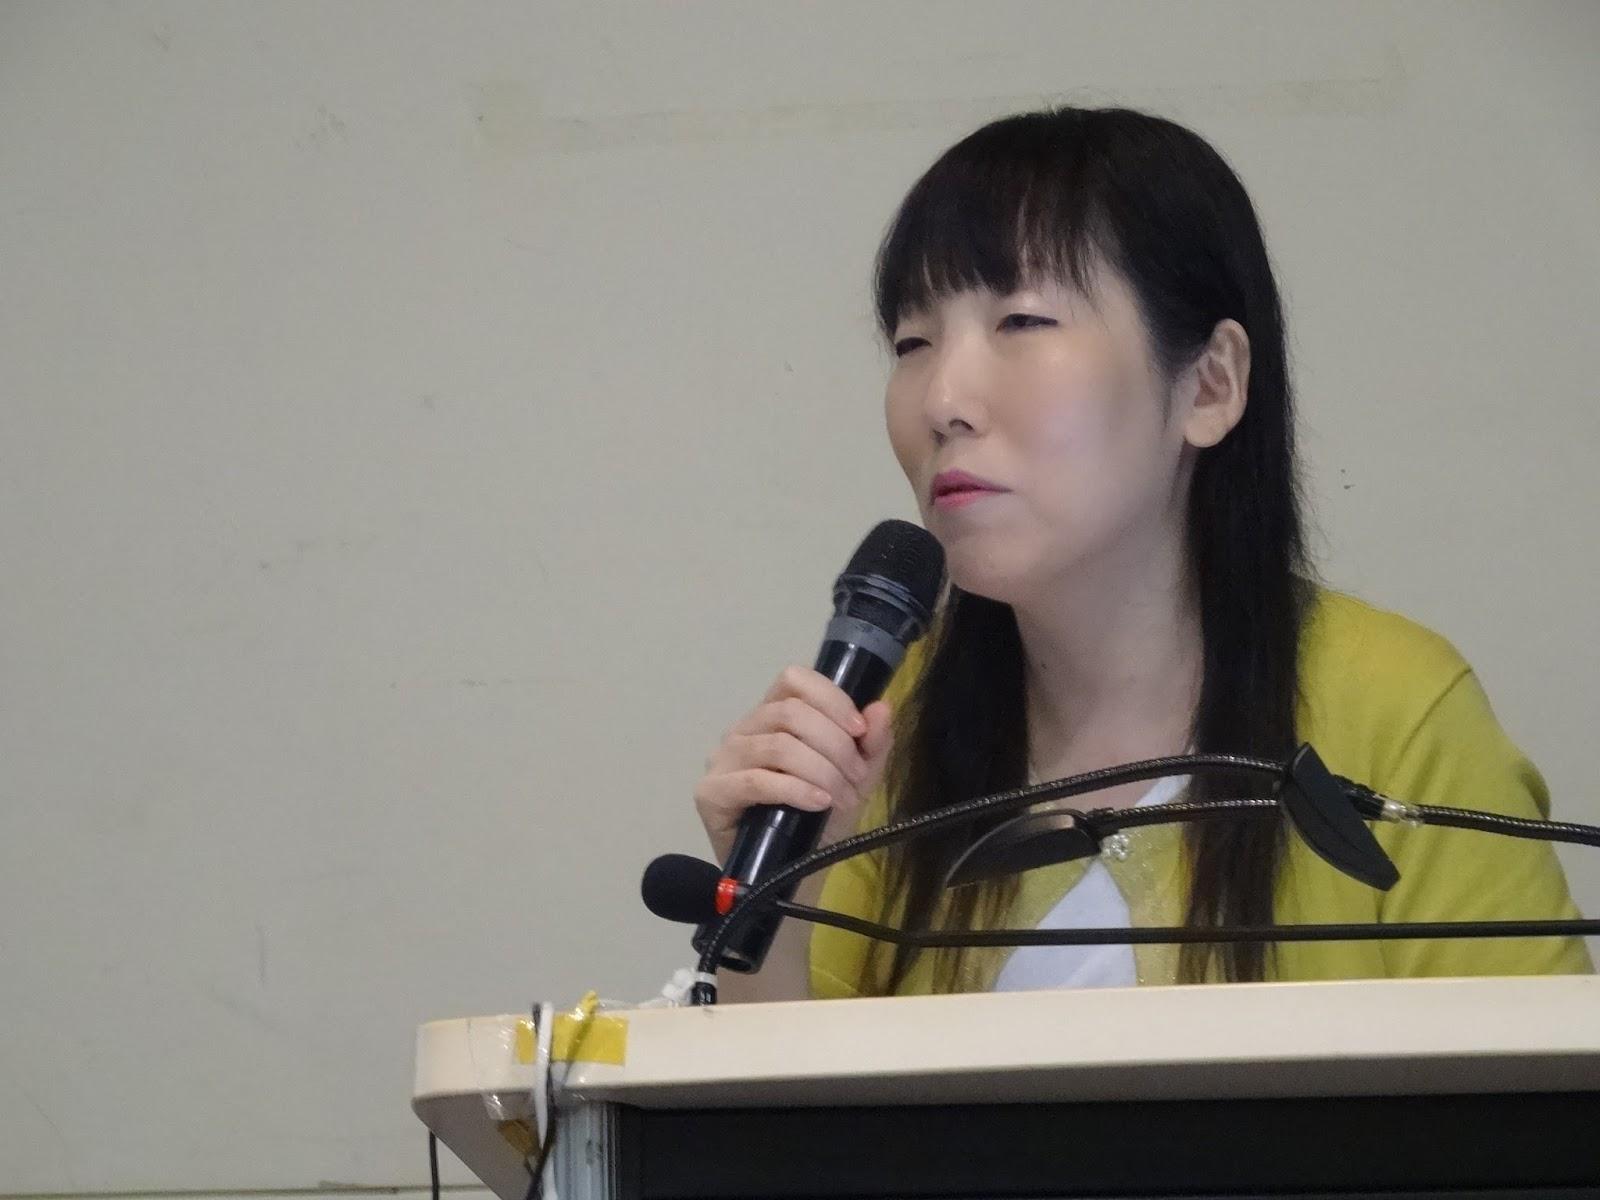 NTNU_106-1臺灣流行文化通識課程: Week 15-02/06/2016: 田畠真弓教授演講